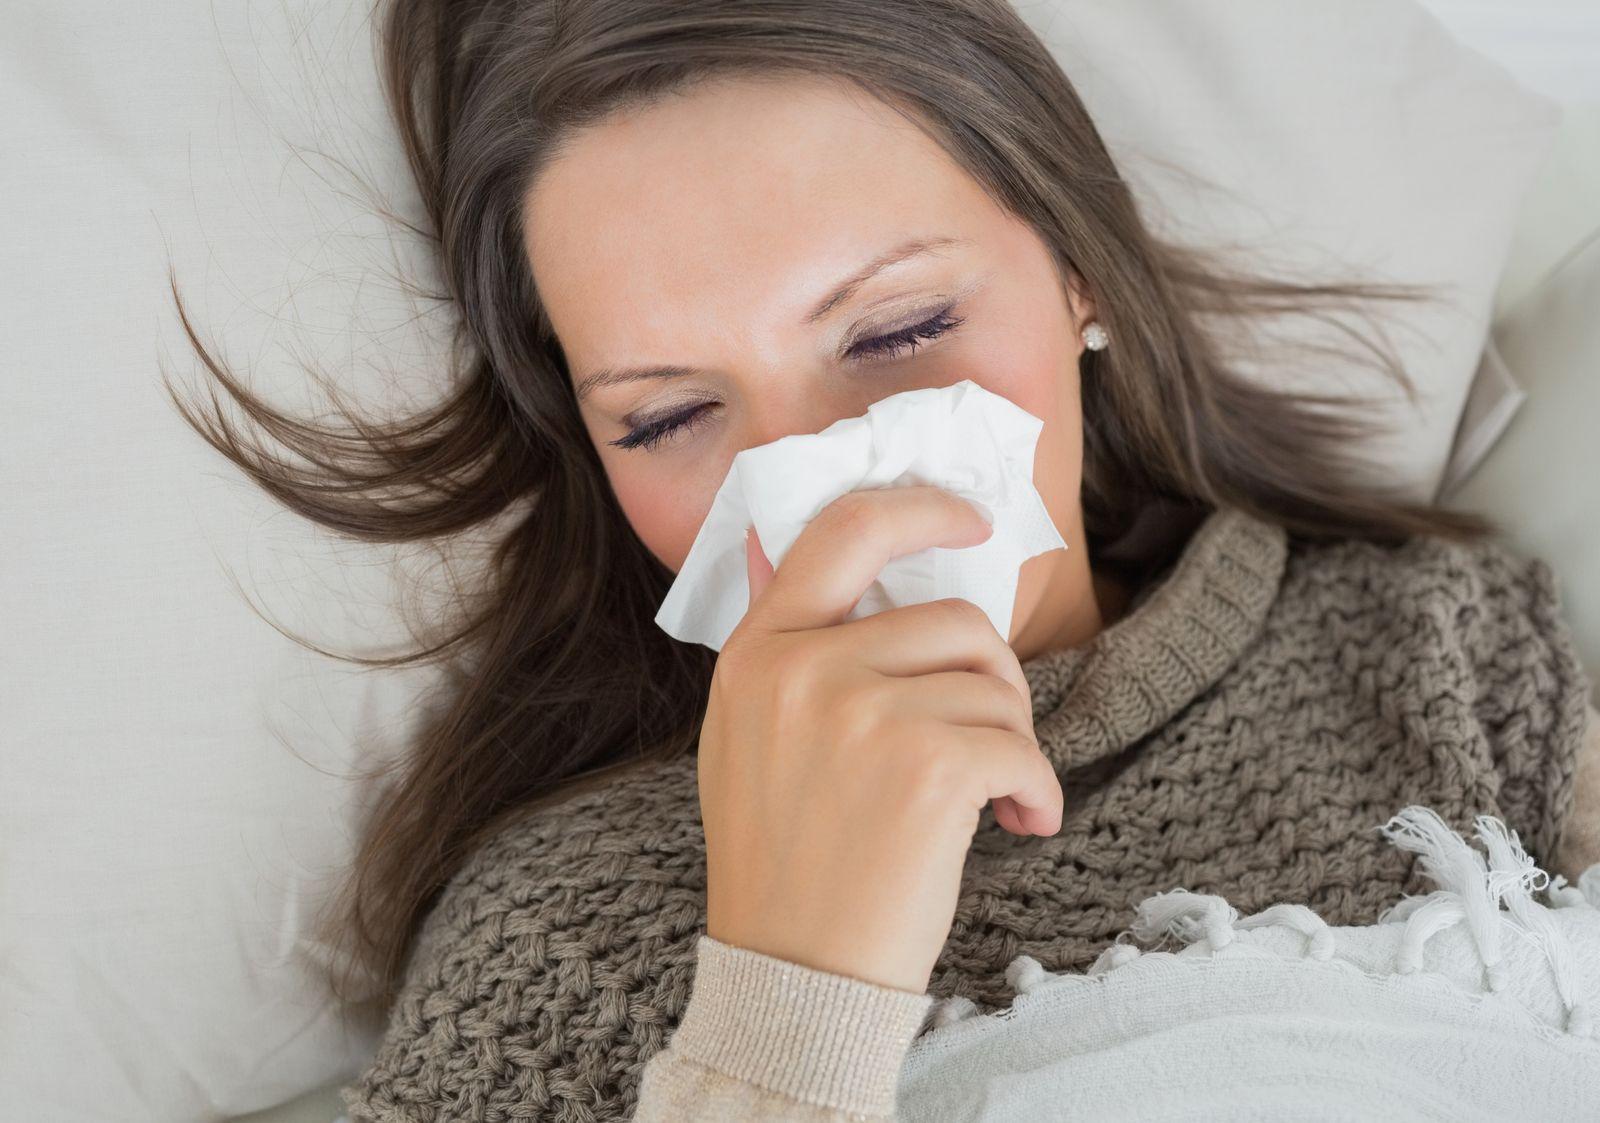 NICHT MEHR VERWENDEN! - Schnupfen / Erkältung / Grippe